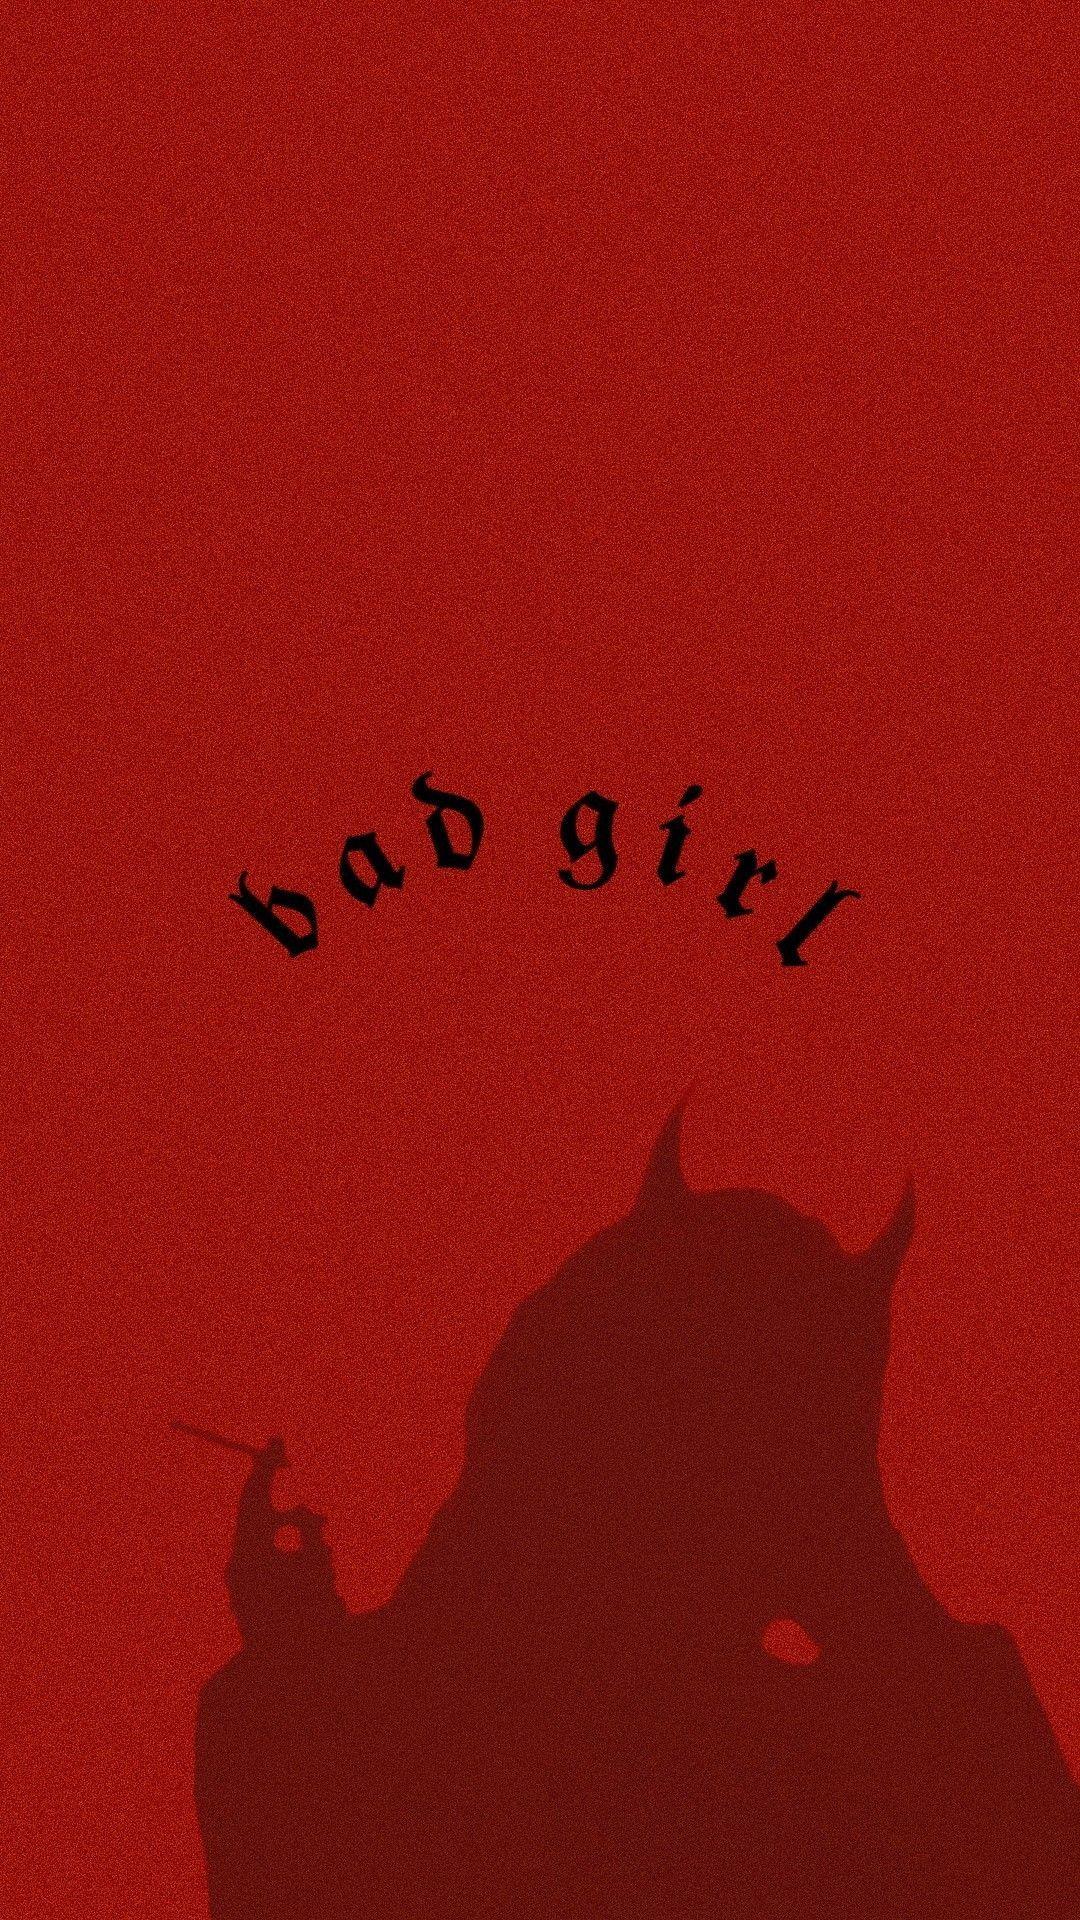 Bad Girl Aesthetic Wallpaper